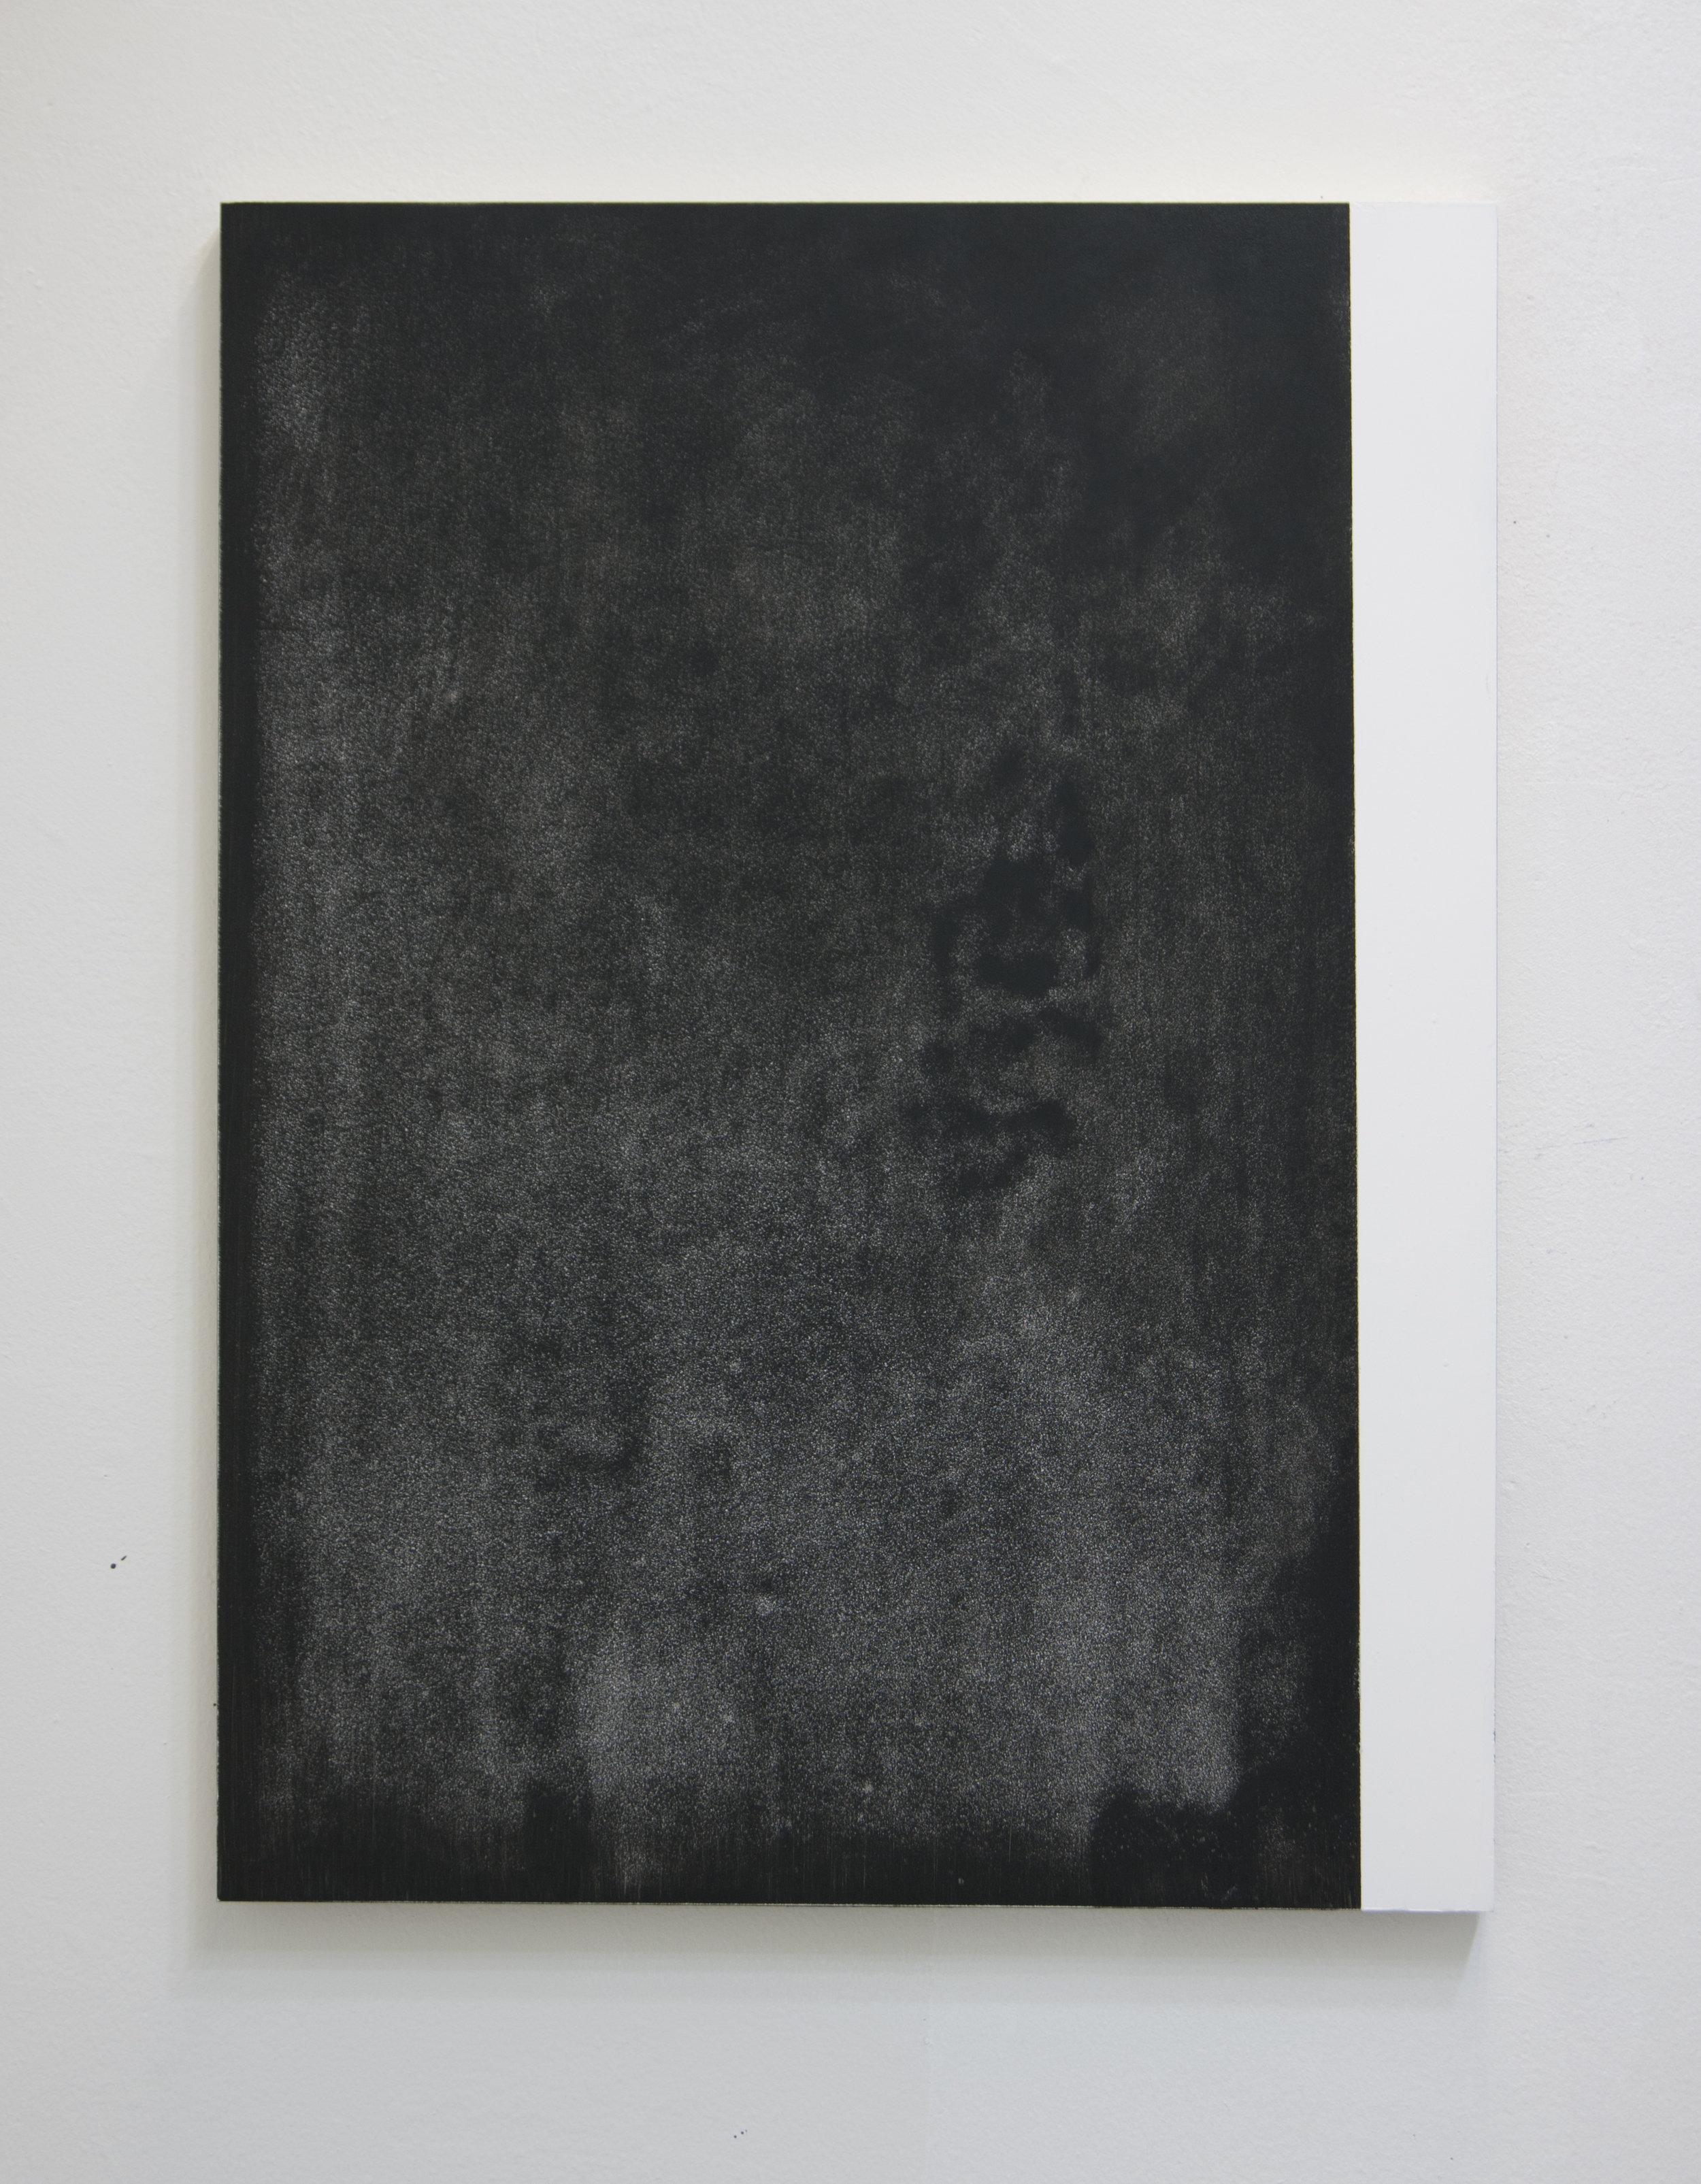 Fugitive II, 2012  Acrylic on panel, 24 x 18 inches